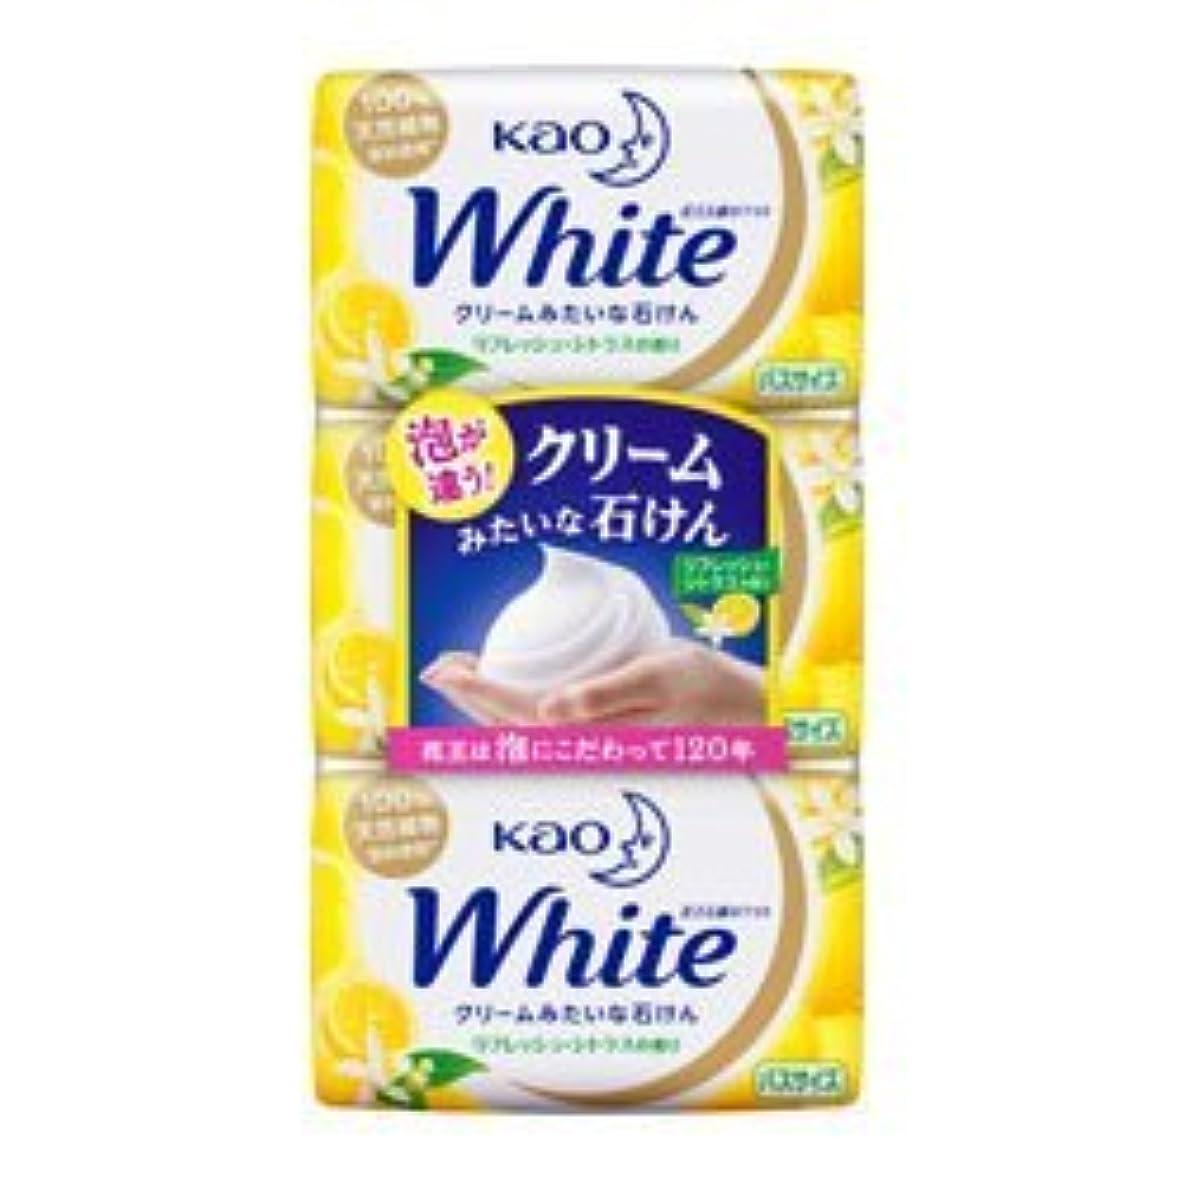 クランプ負新しさ【花王】ホワイト リフレッシュ?シトラスの香り バスサイズ 130g×3個入 ×3個セット